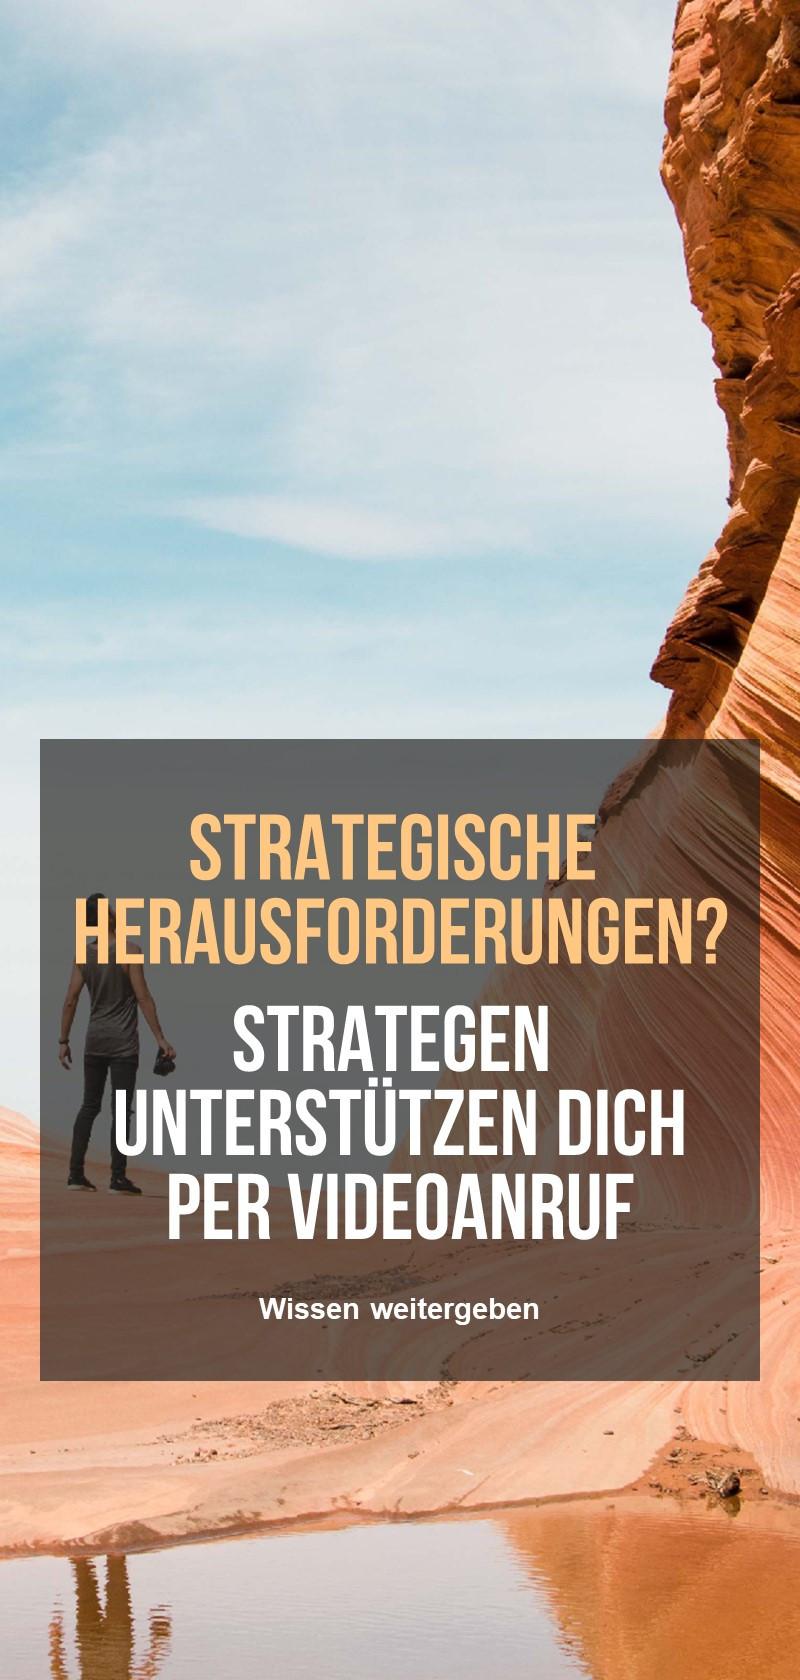 Strategen